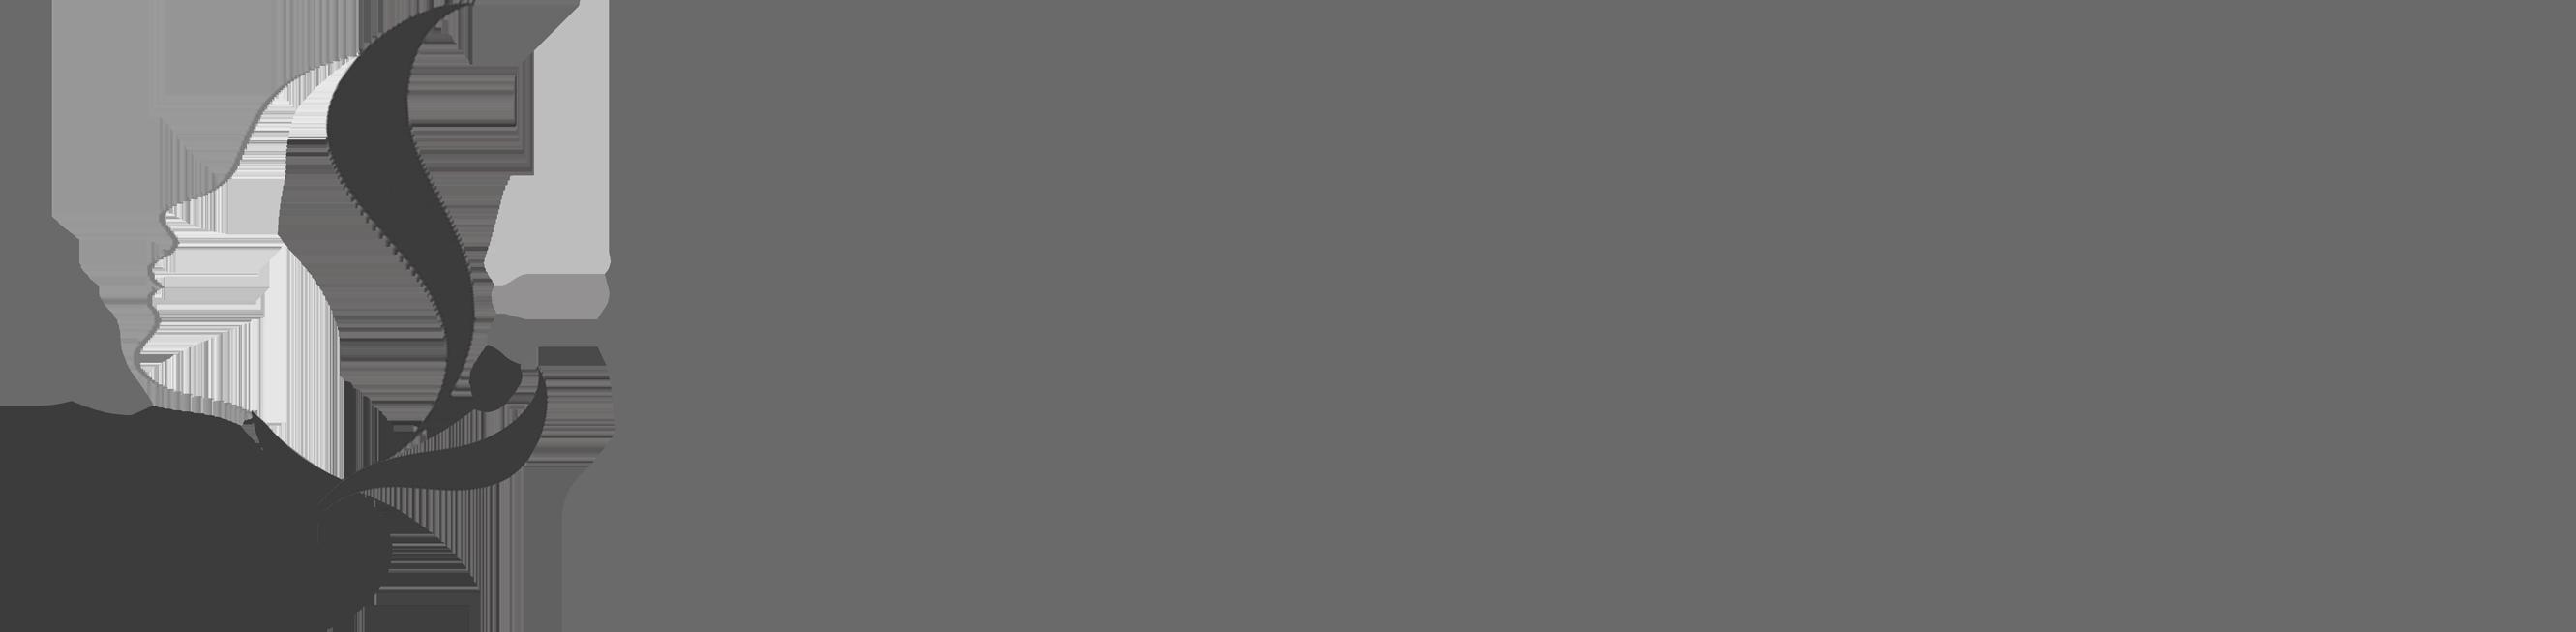 indermis_logo_web_peq